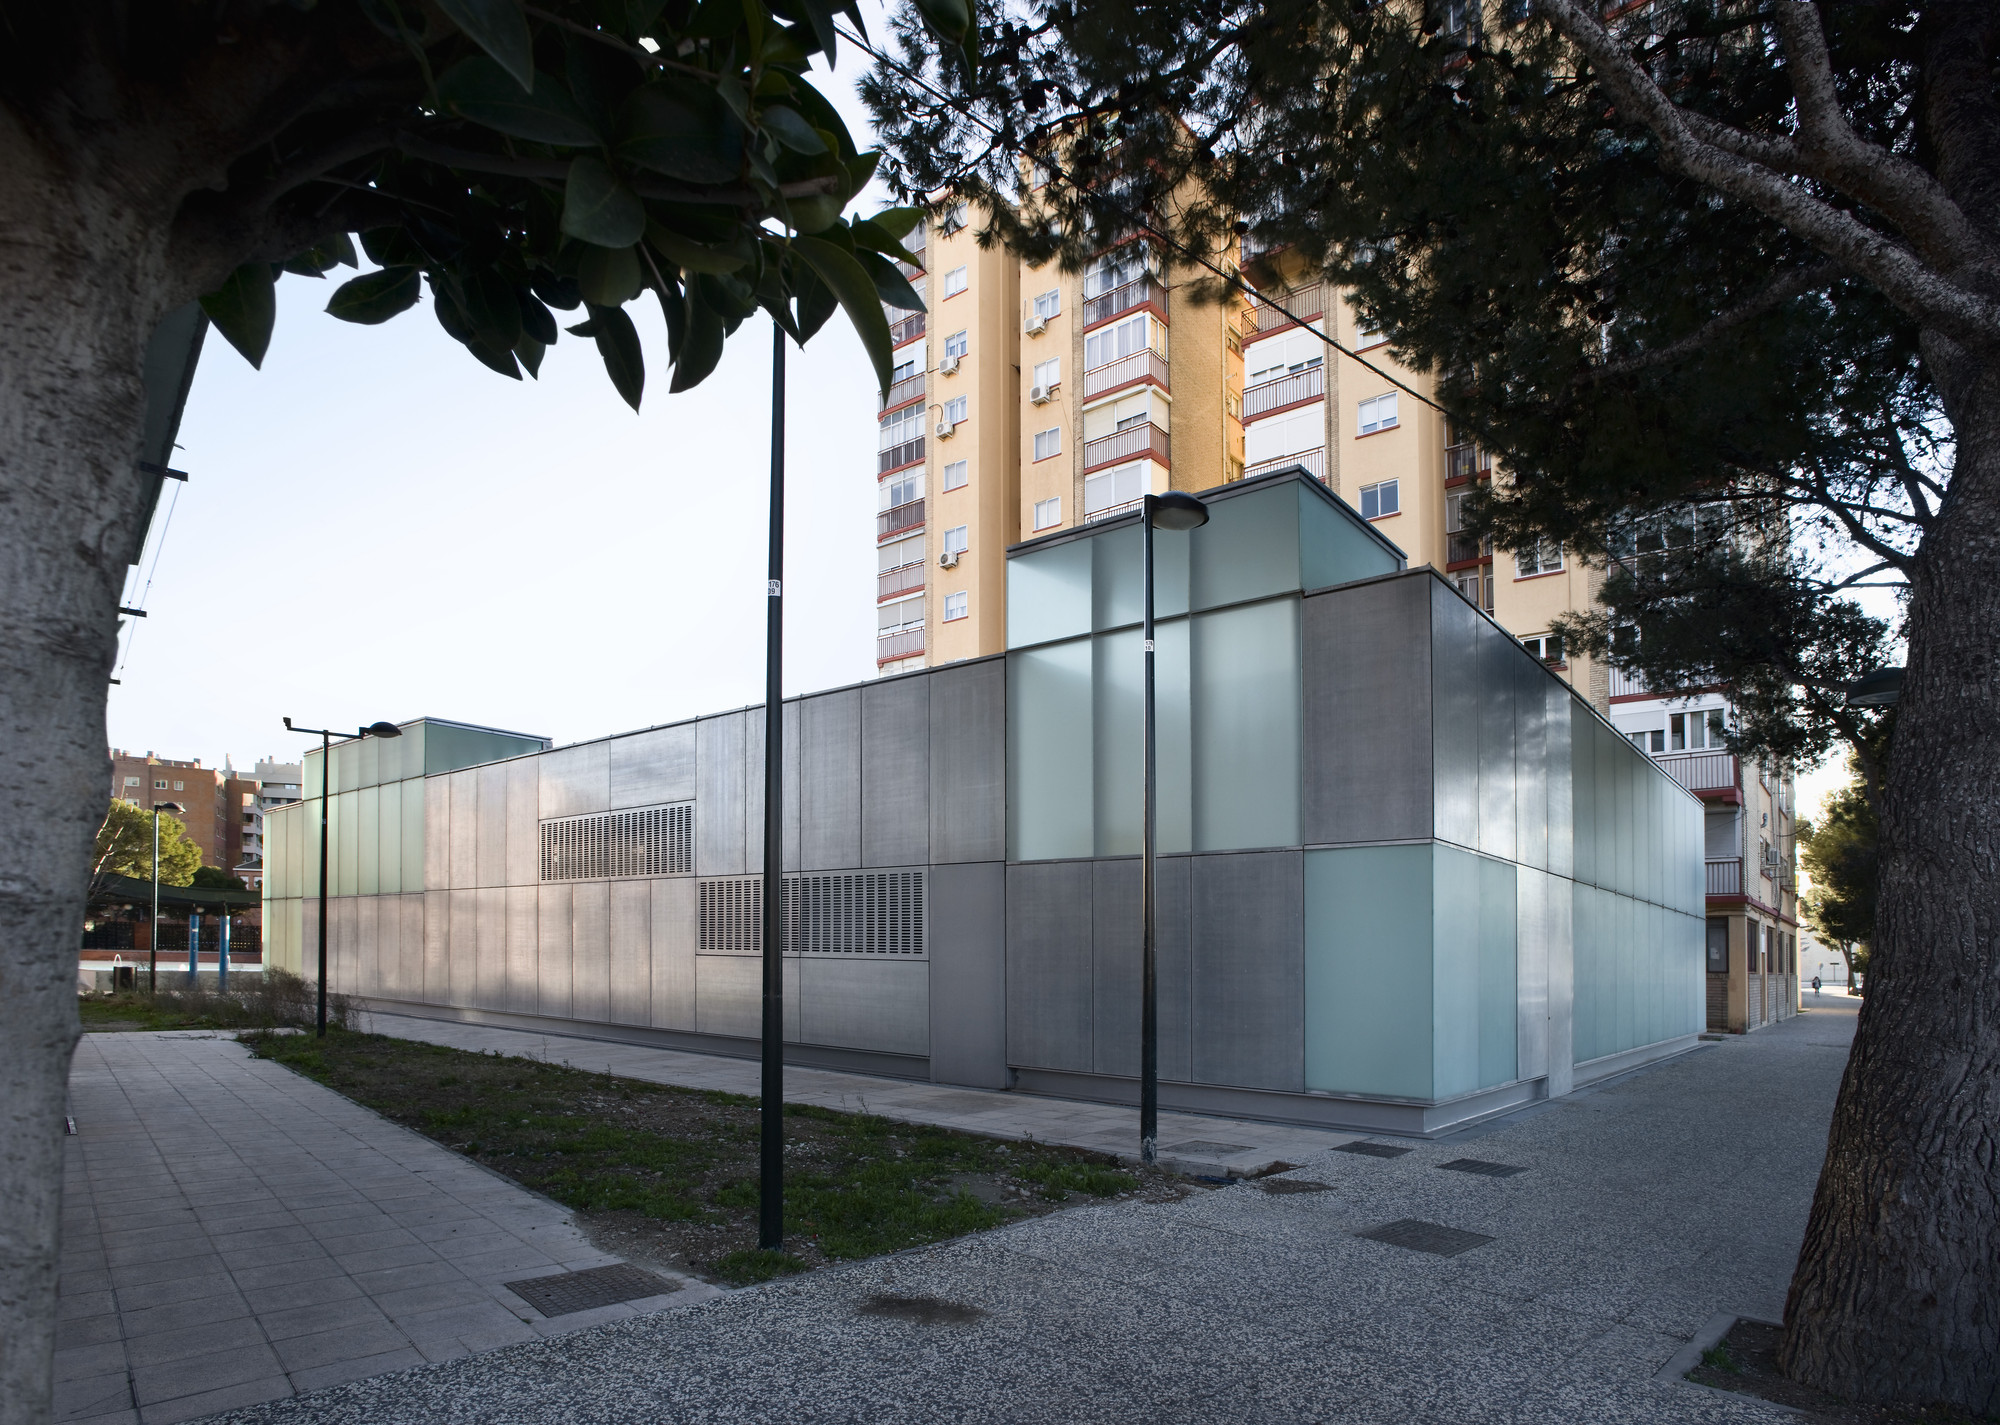 Centro Cultural La Jota / G///bang, © Enric Duch